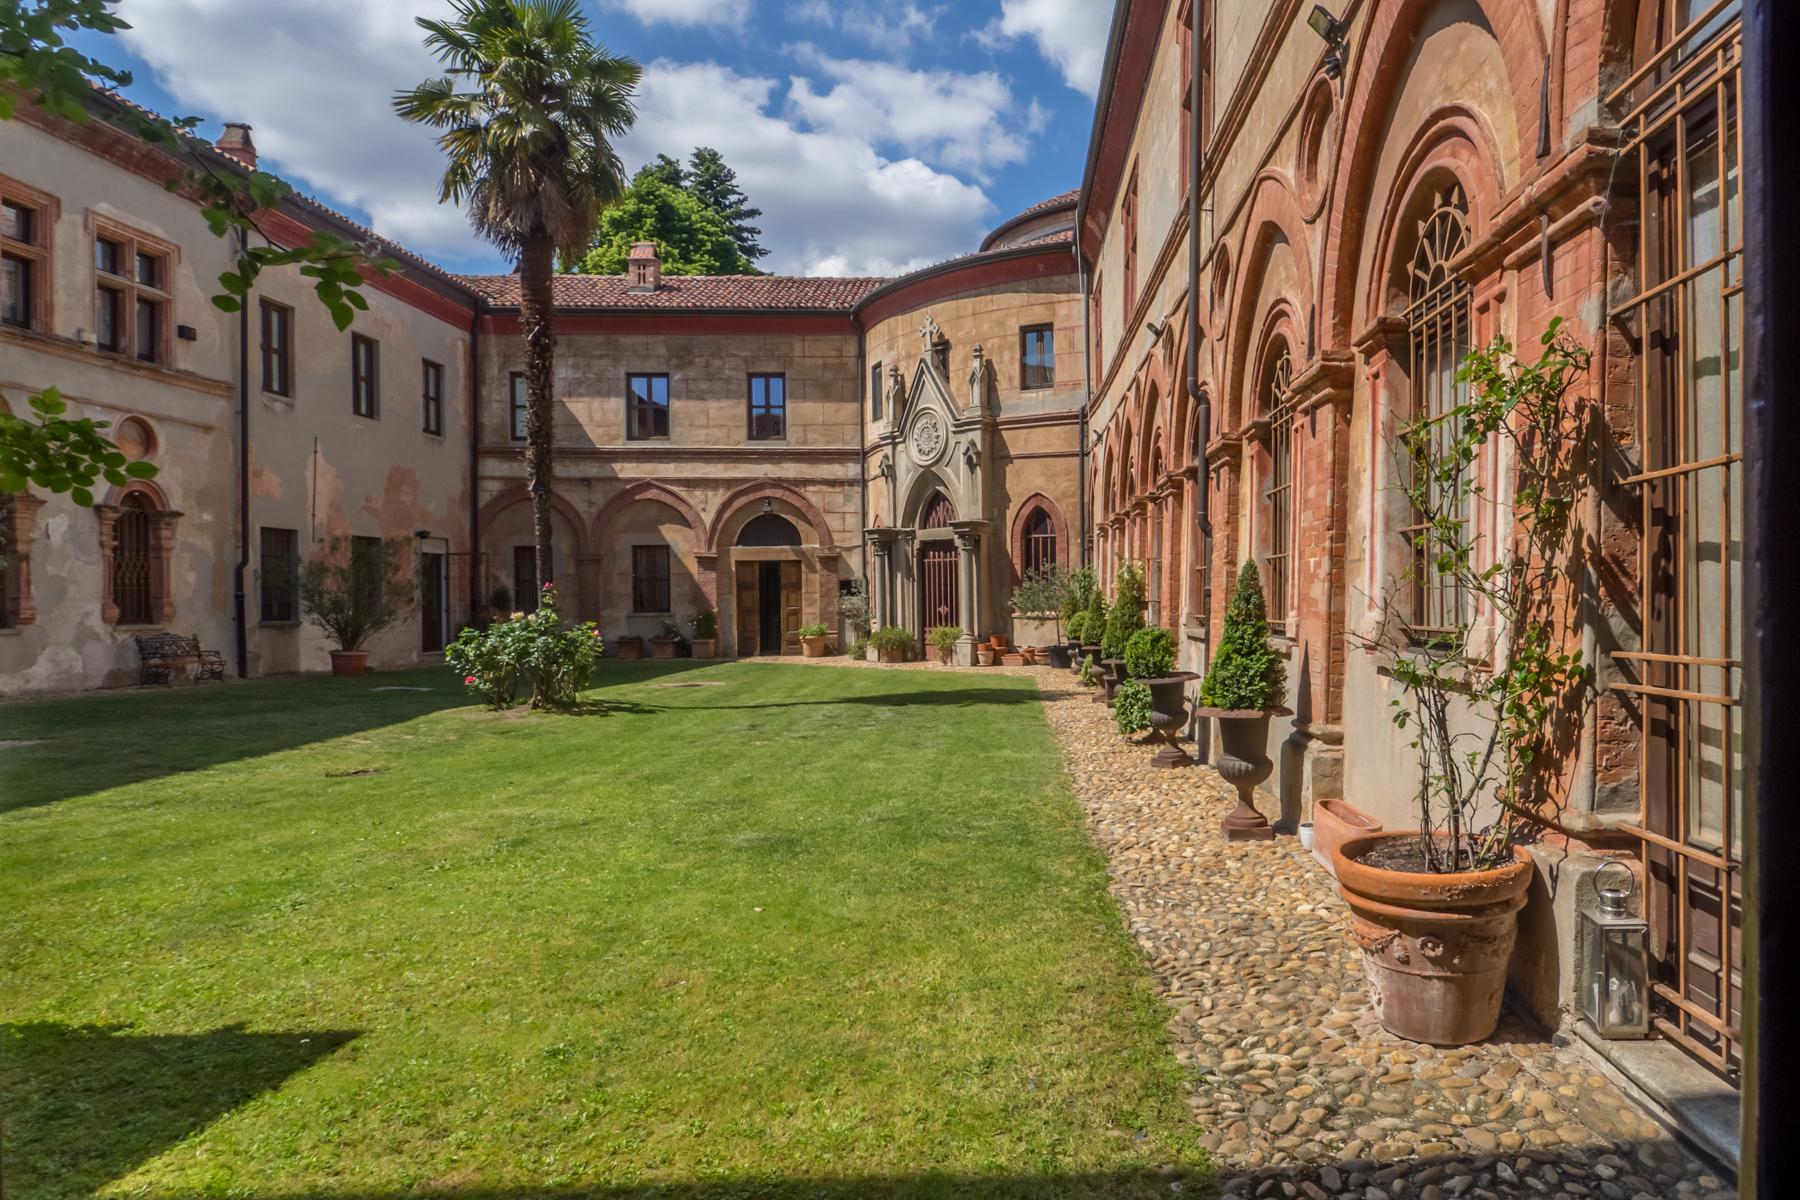 Appartamento in Vendita a Moncalieri: 5 locali, 368 mq - Foto 3